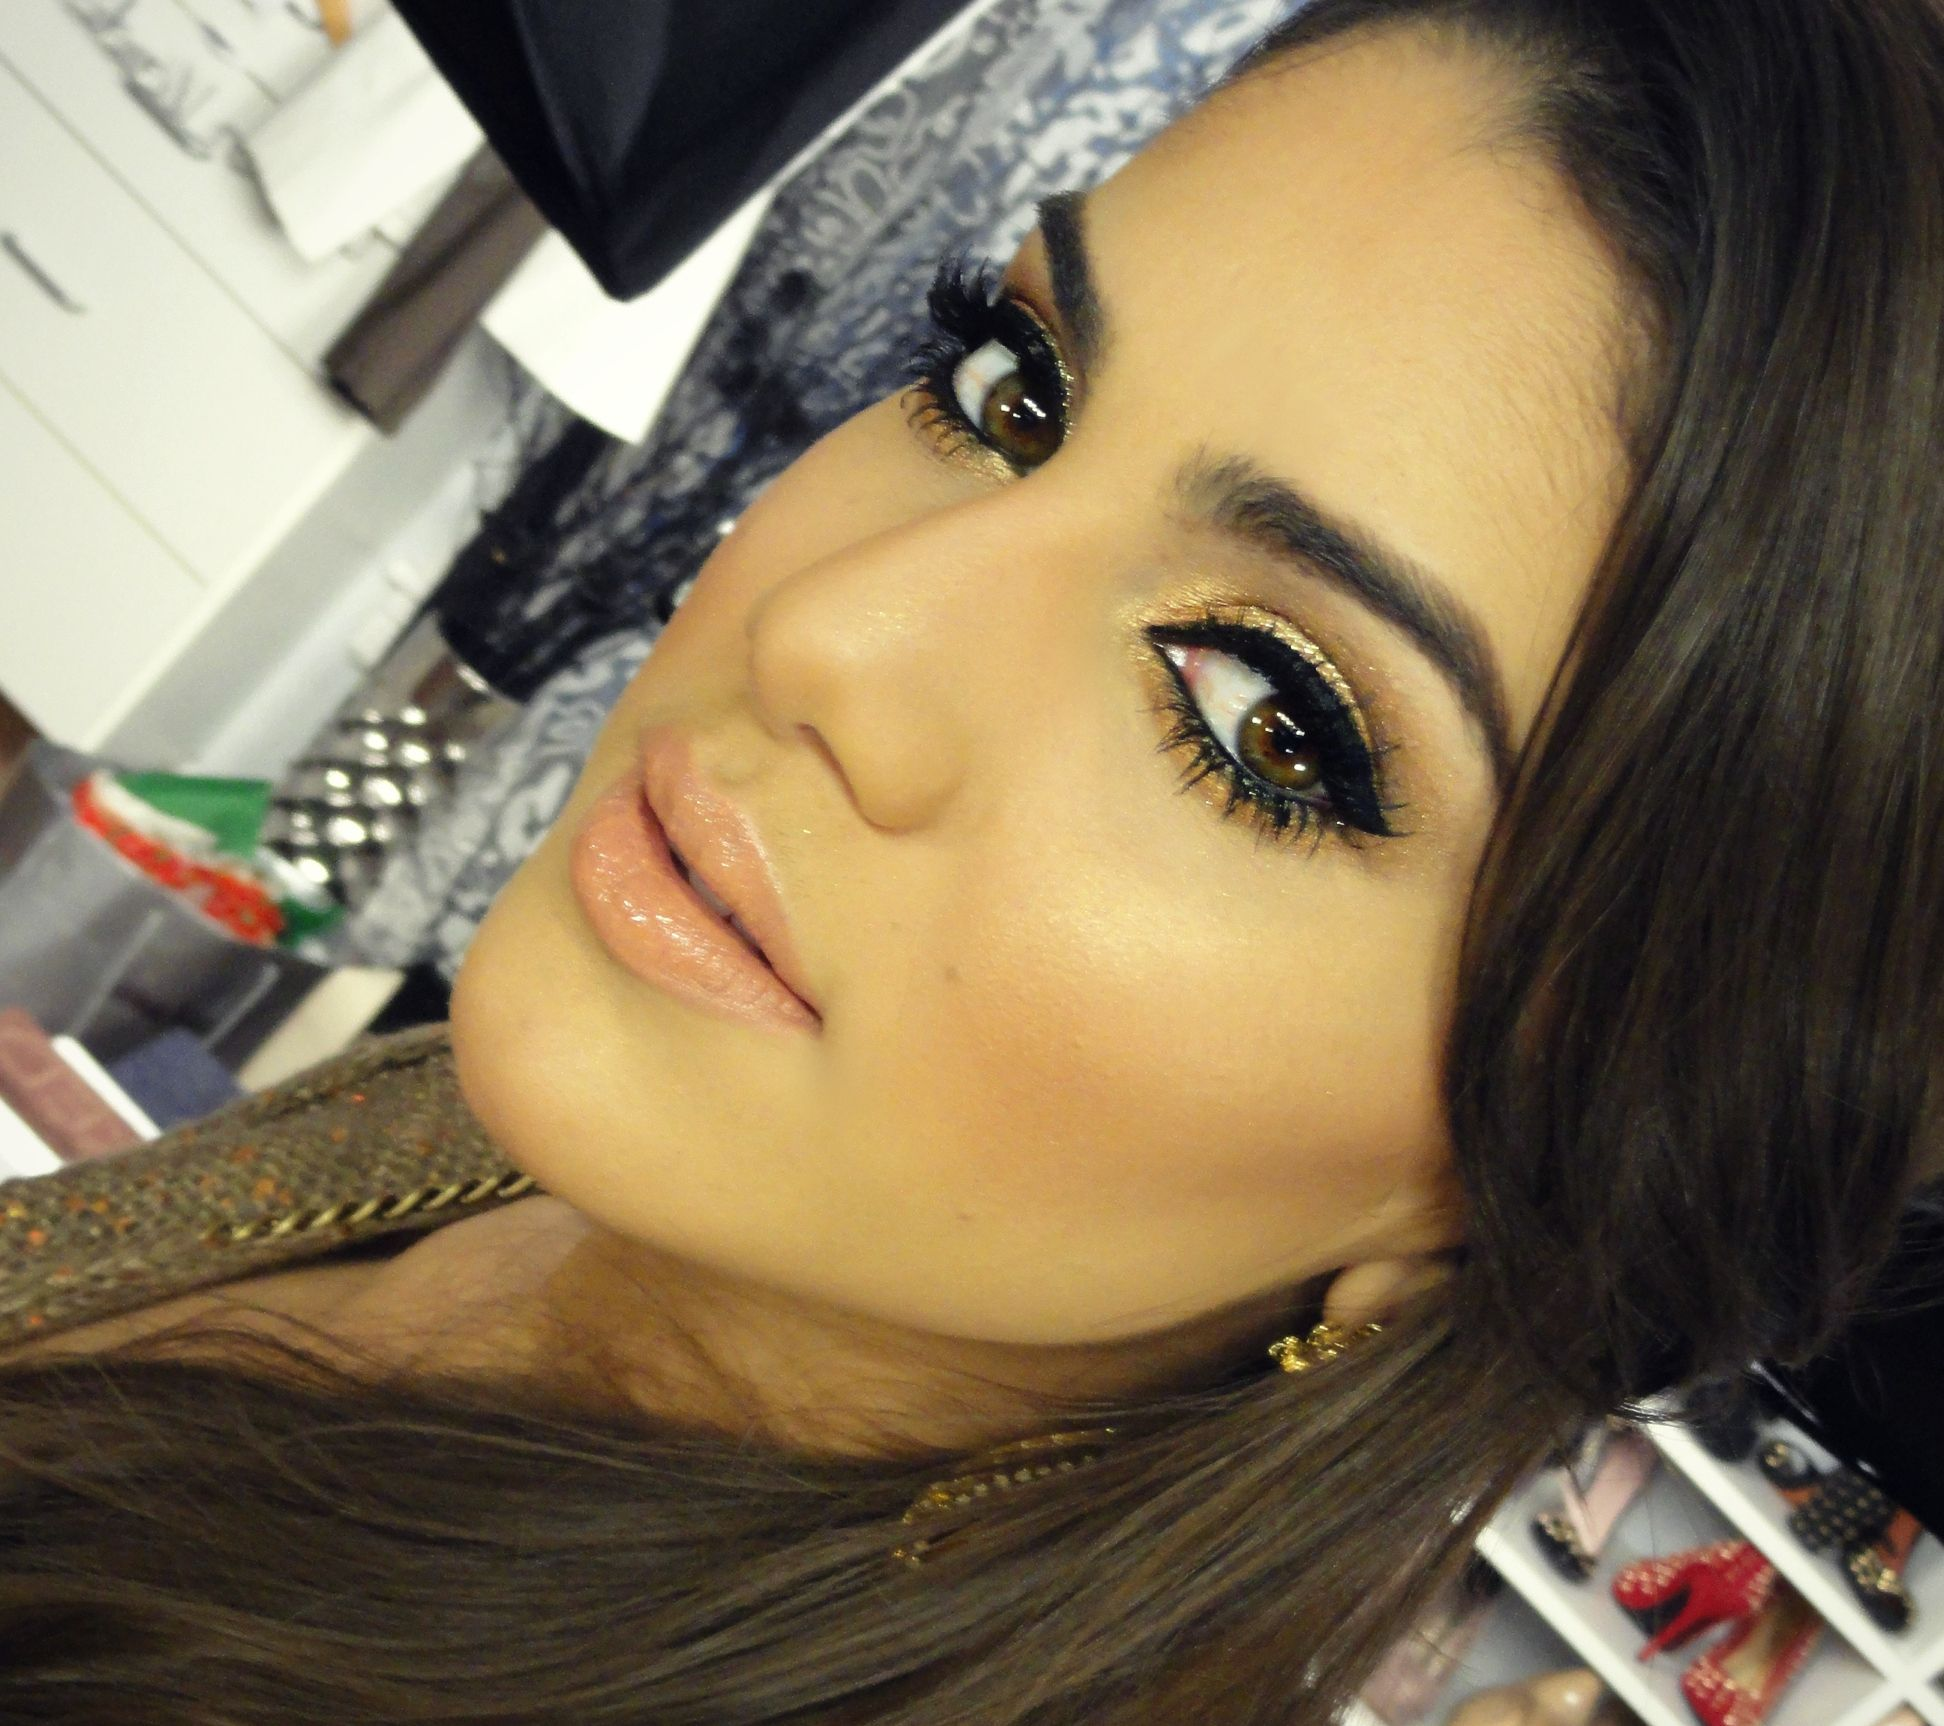 http://supervaidosa.com/2013/01/04/maquiagem-bronze-pro-verao/